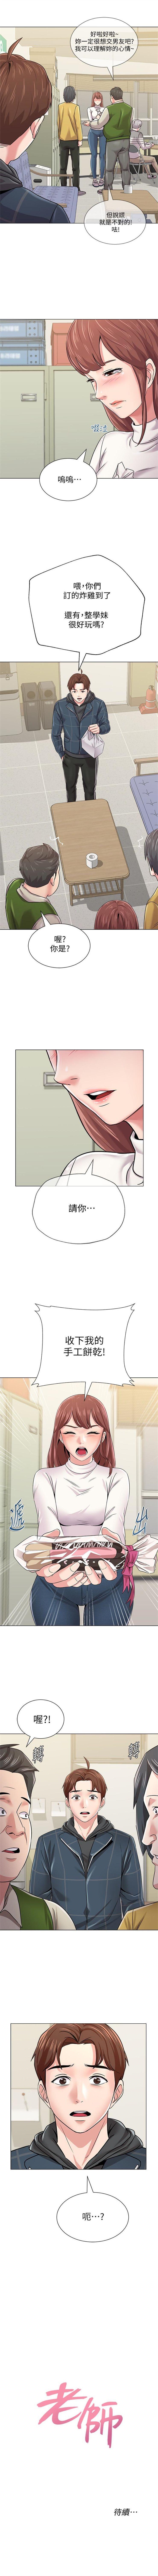 老師 1-80 官方中文(連載中) 305